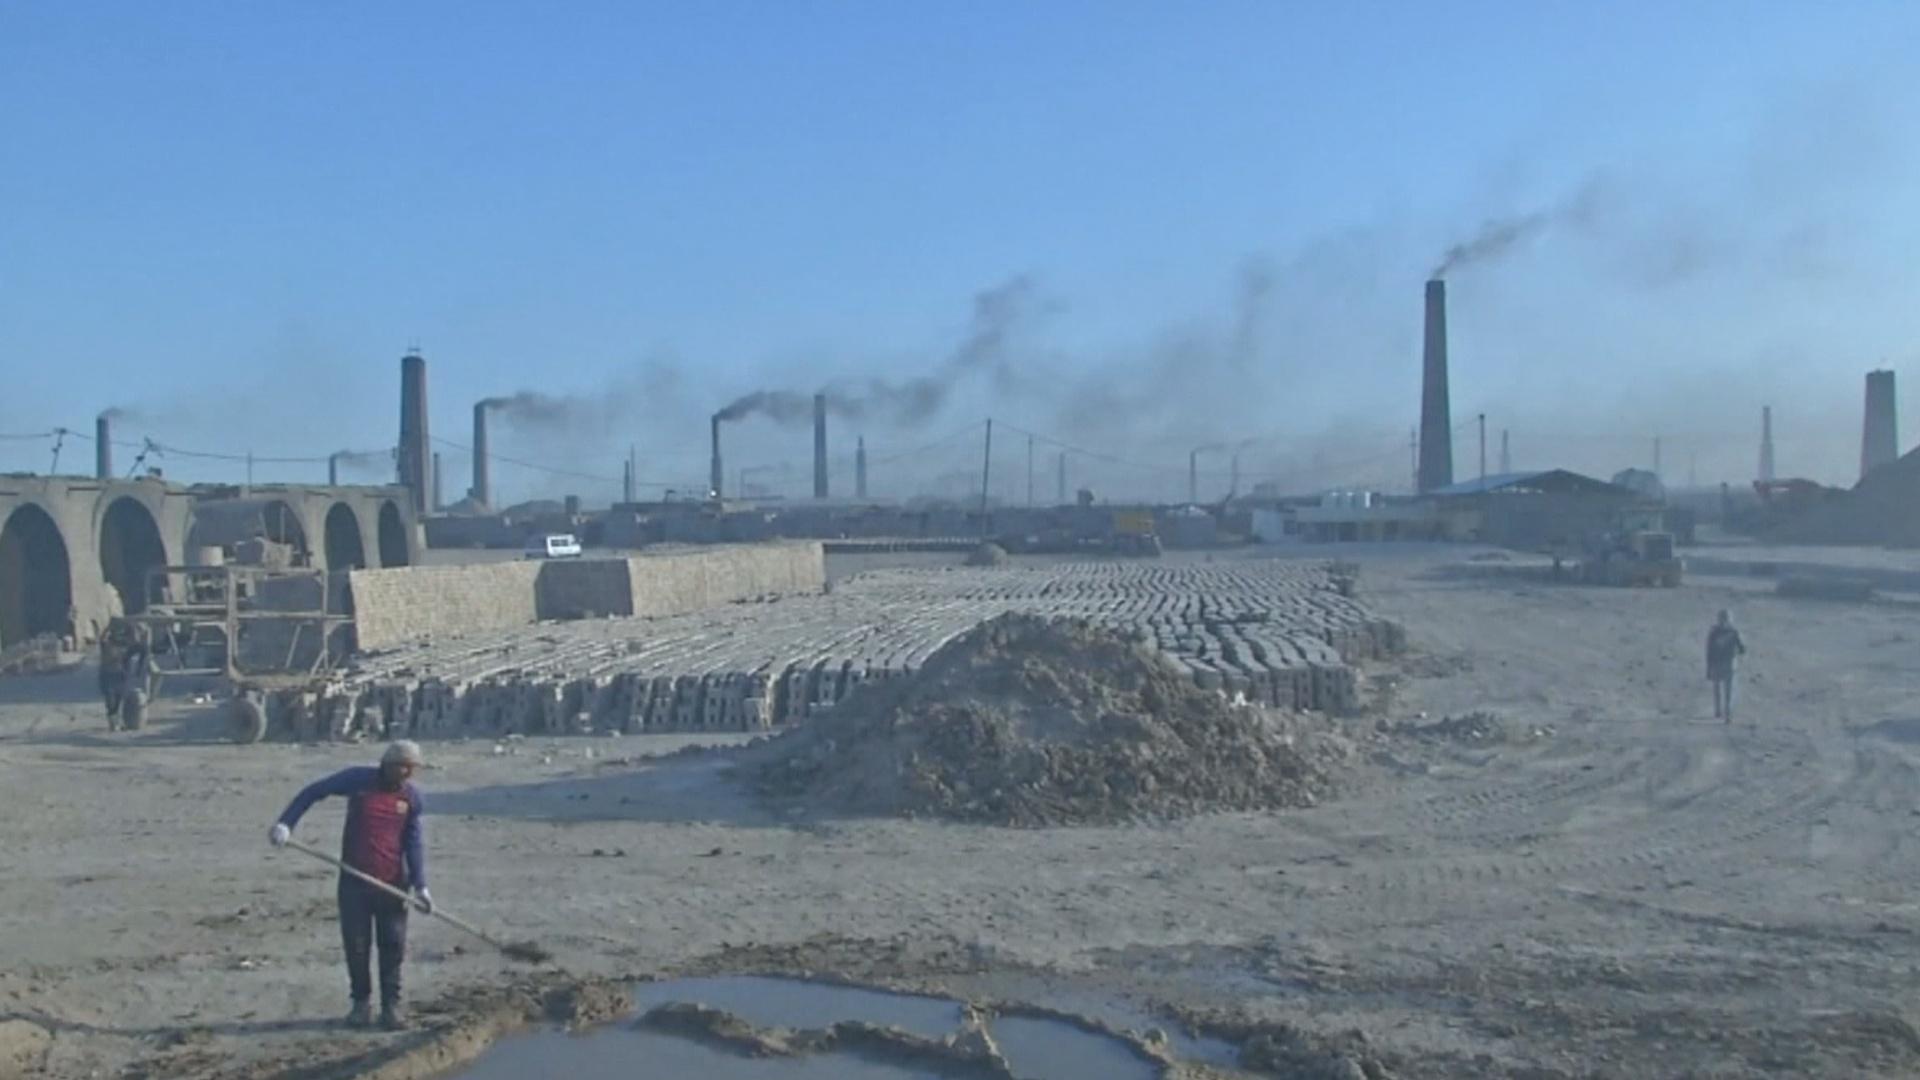 В Ираке нечем дышать из-за промышленного загрязнения